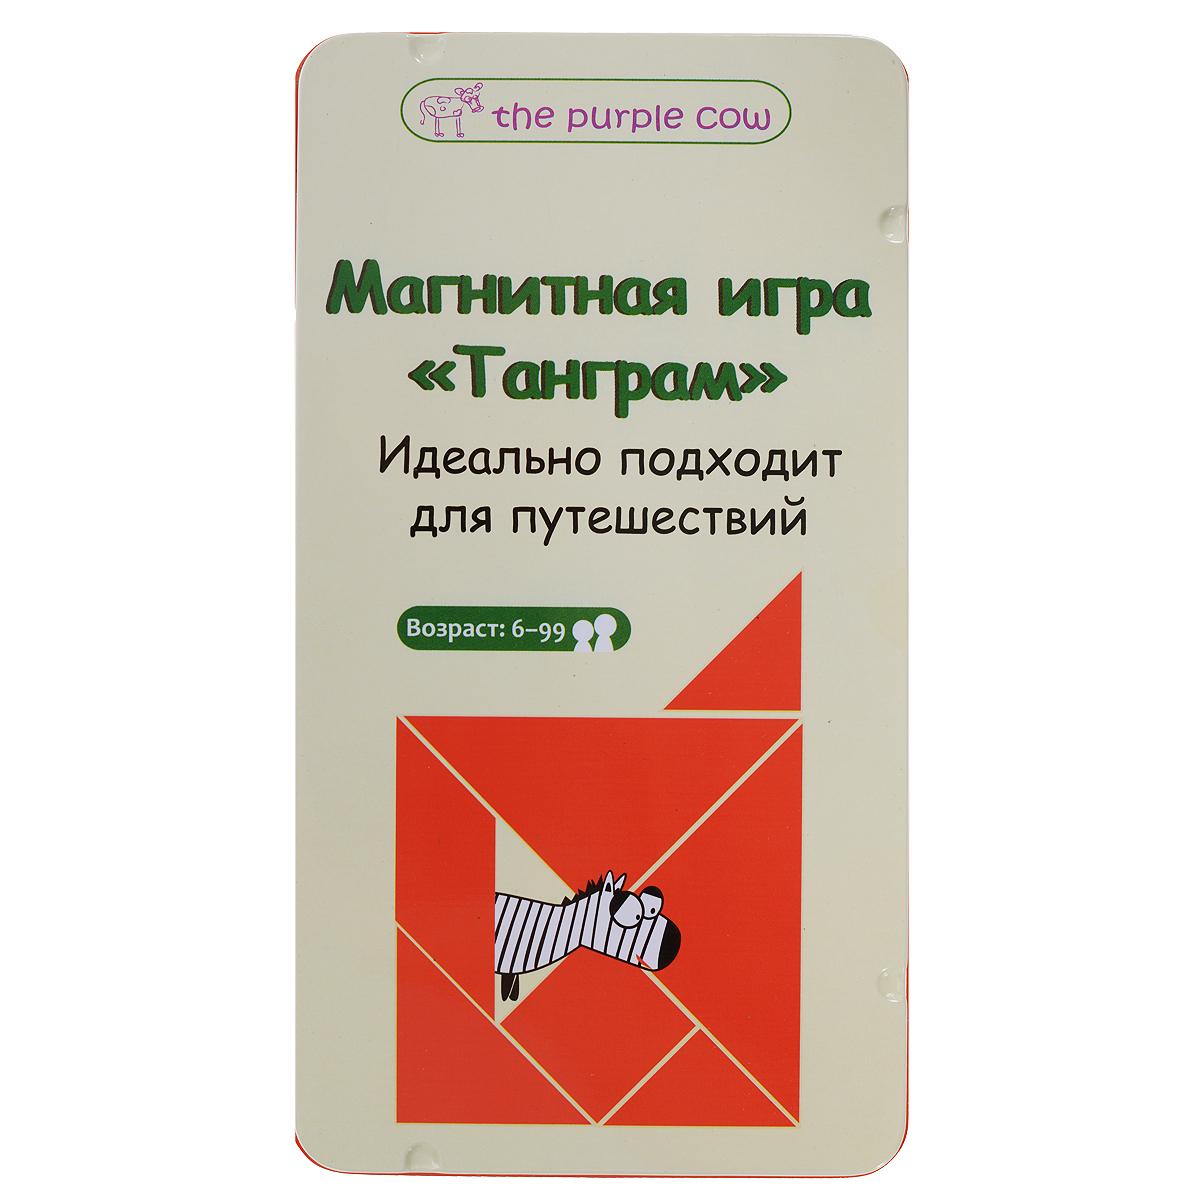 Магнитная игра The Purple Cow